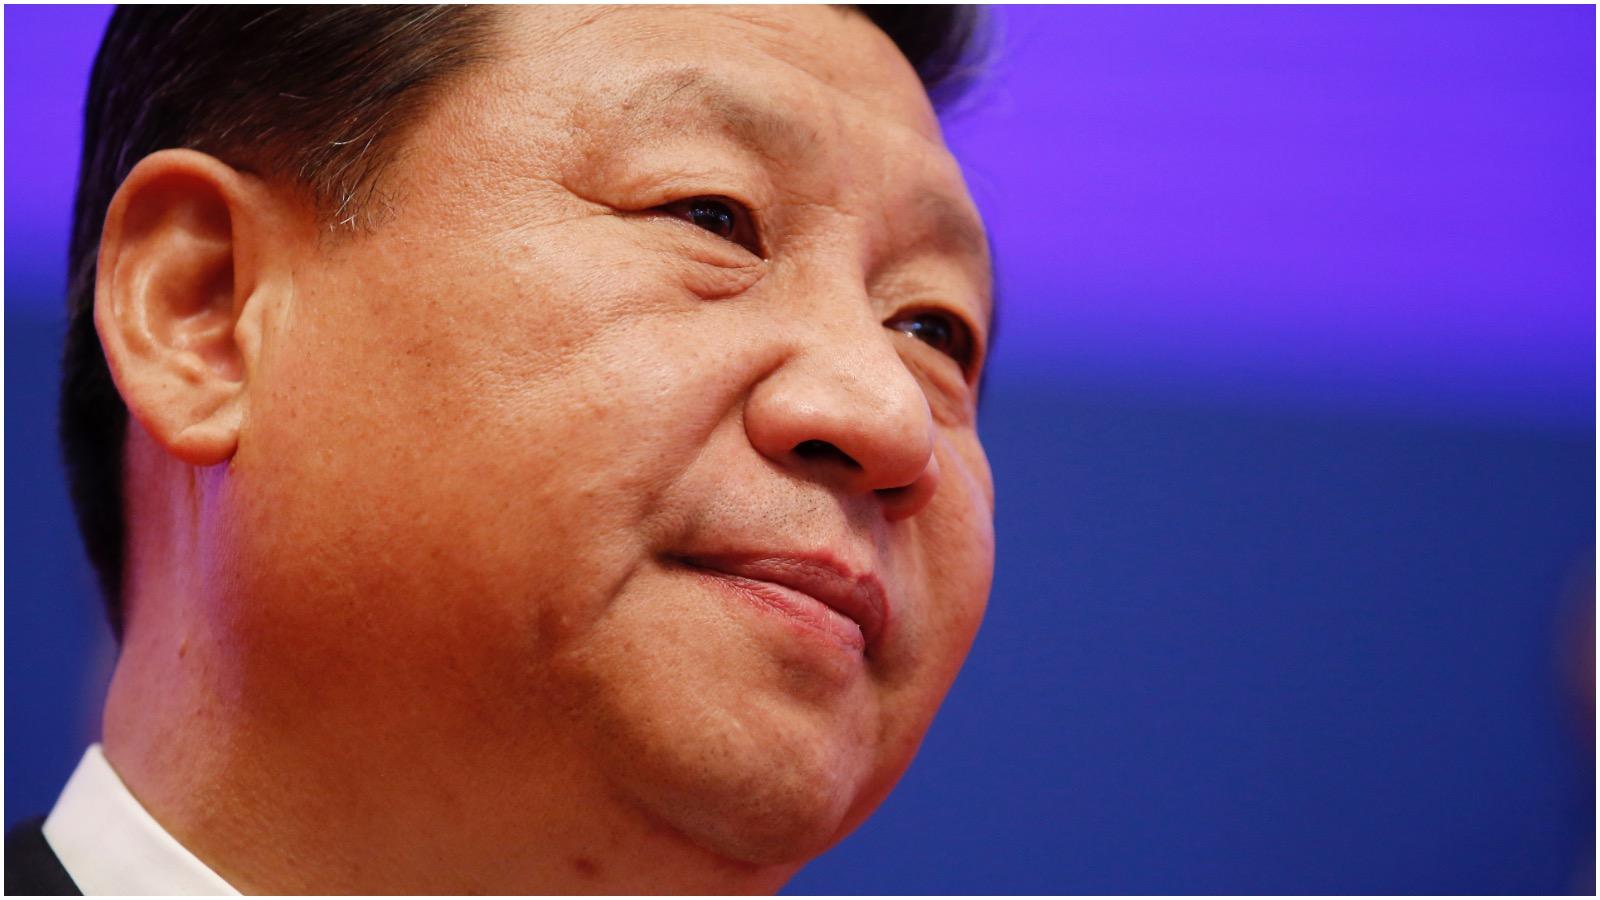 Adrian Zenz om Kinas nye enorme genopdragelseslejre: Tilbage til Mao's metoder